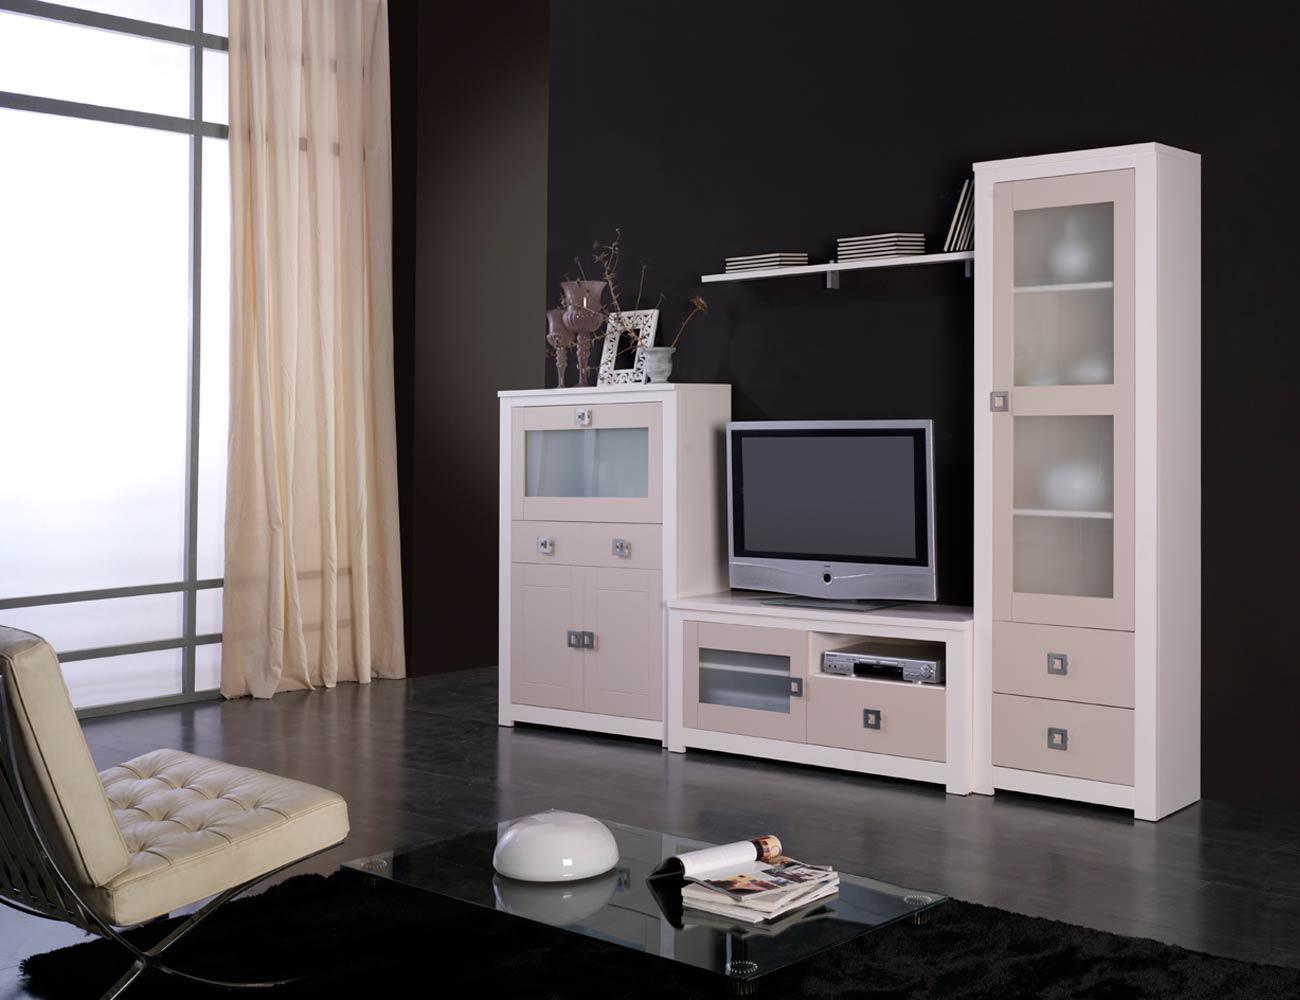 Mueble de sal n modular lacado en blanco con piedra en for Muebles de salon lacados